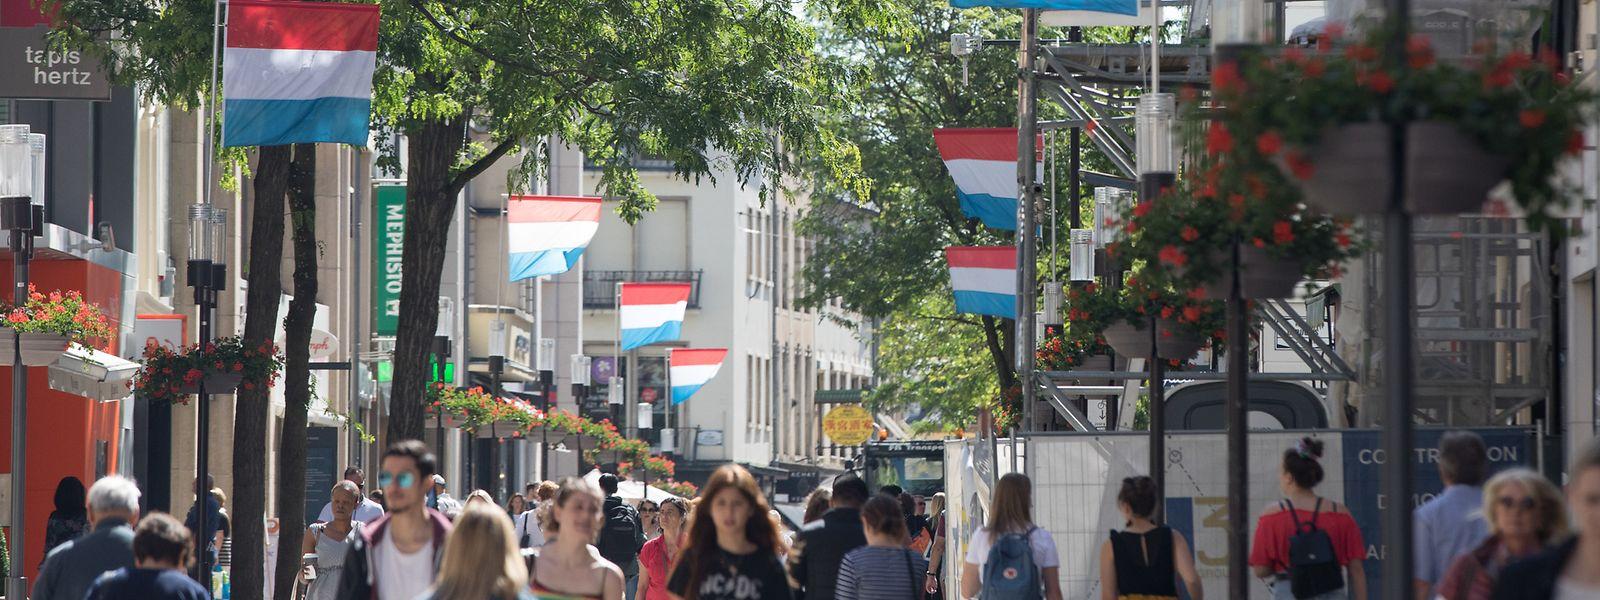 Um die zahlreichen Besucher am Wochenende gebührend zu empfangen, wird Luxemburg-Stadt festlich dekoriert. Die Groussgaass bildet mit den rot-weiß-blauen Flaggen keine Ausnahme.